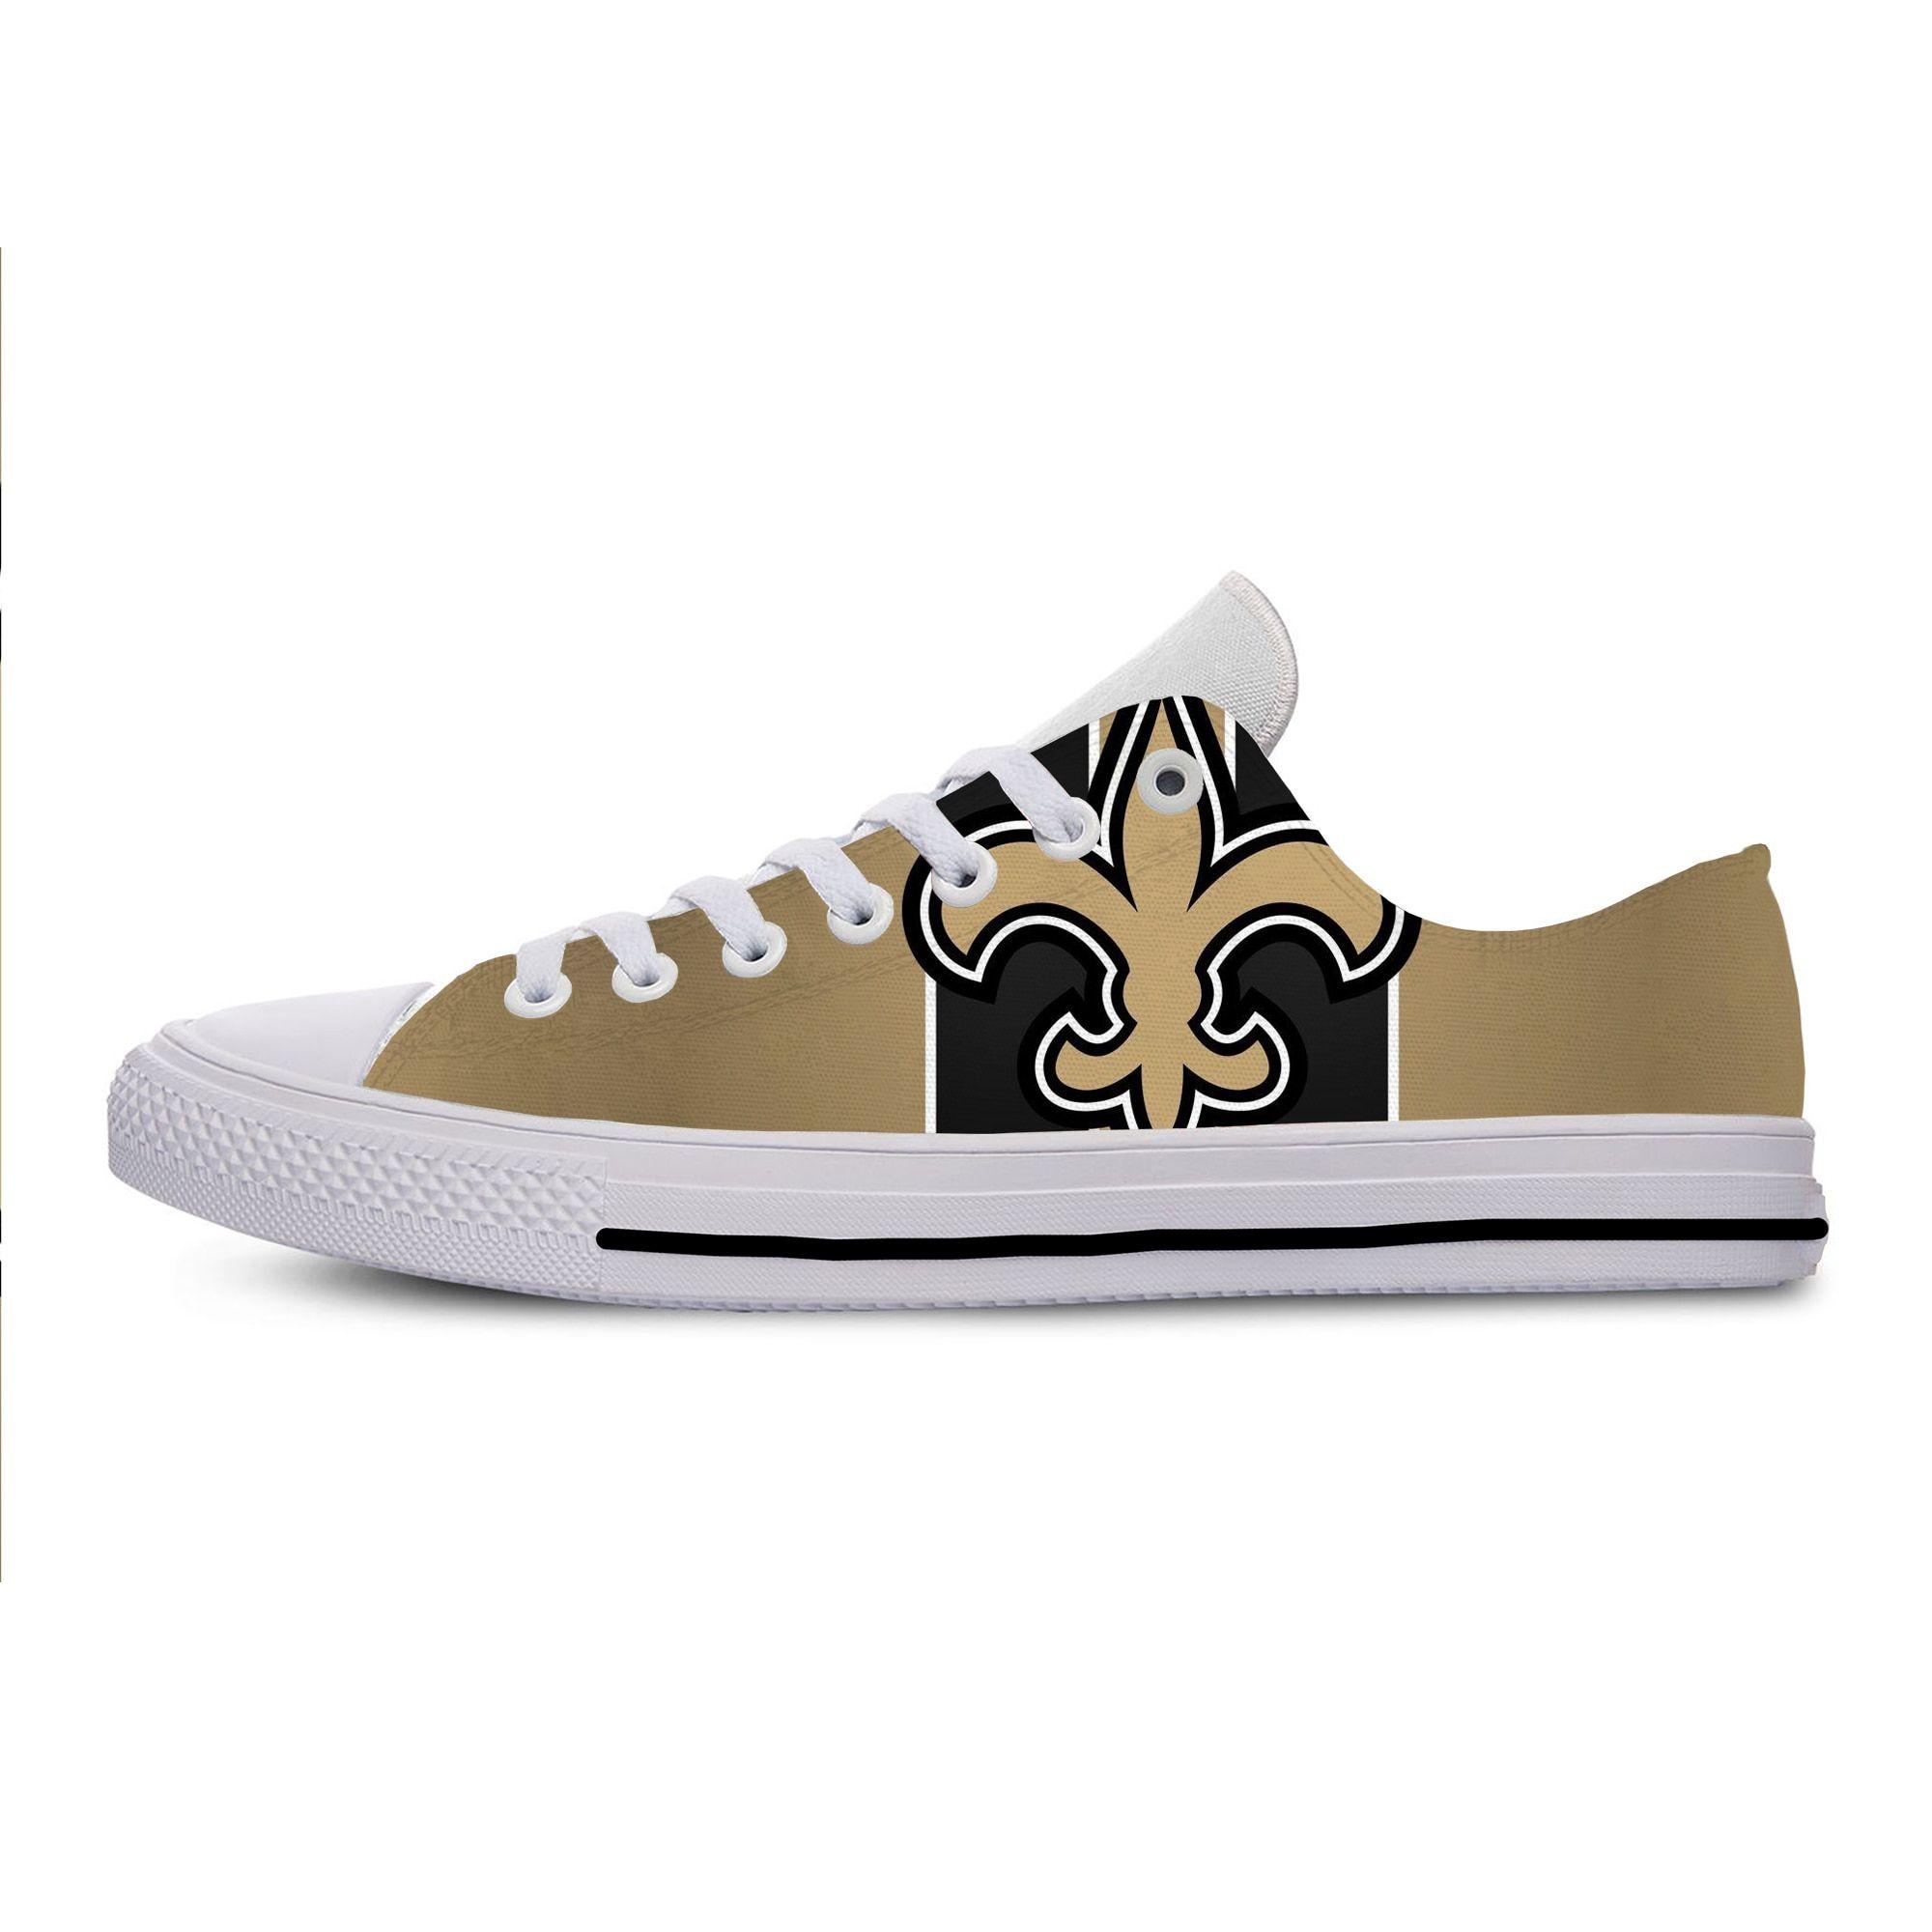 New Orleans Saints Canvas Shoes, NFL